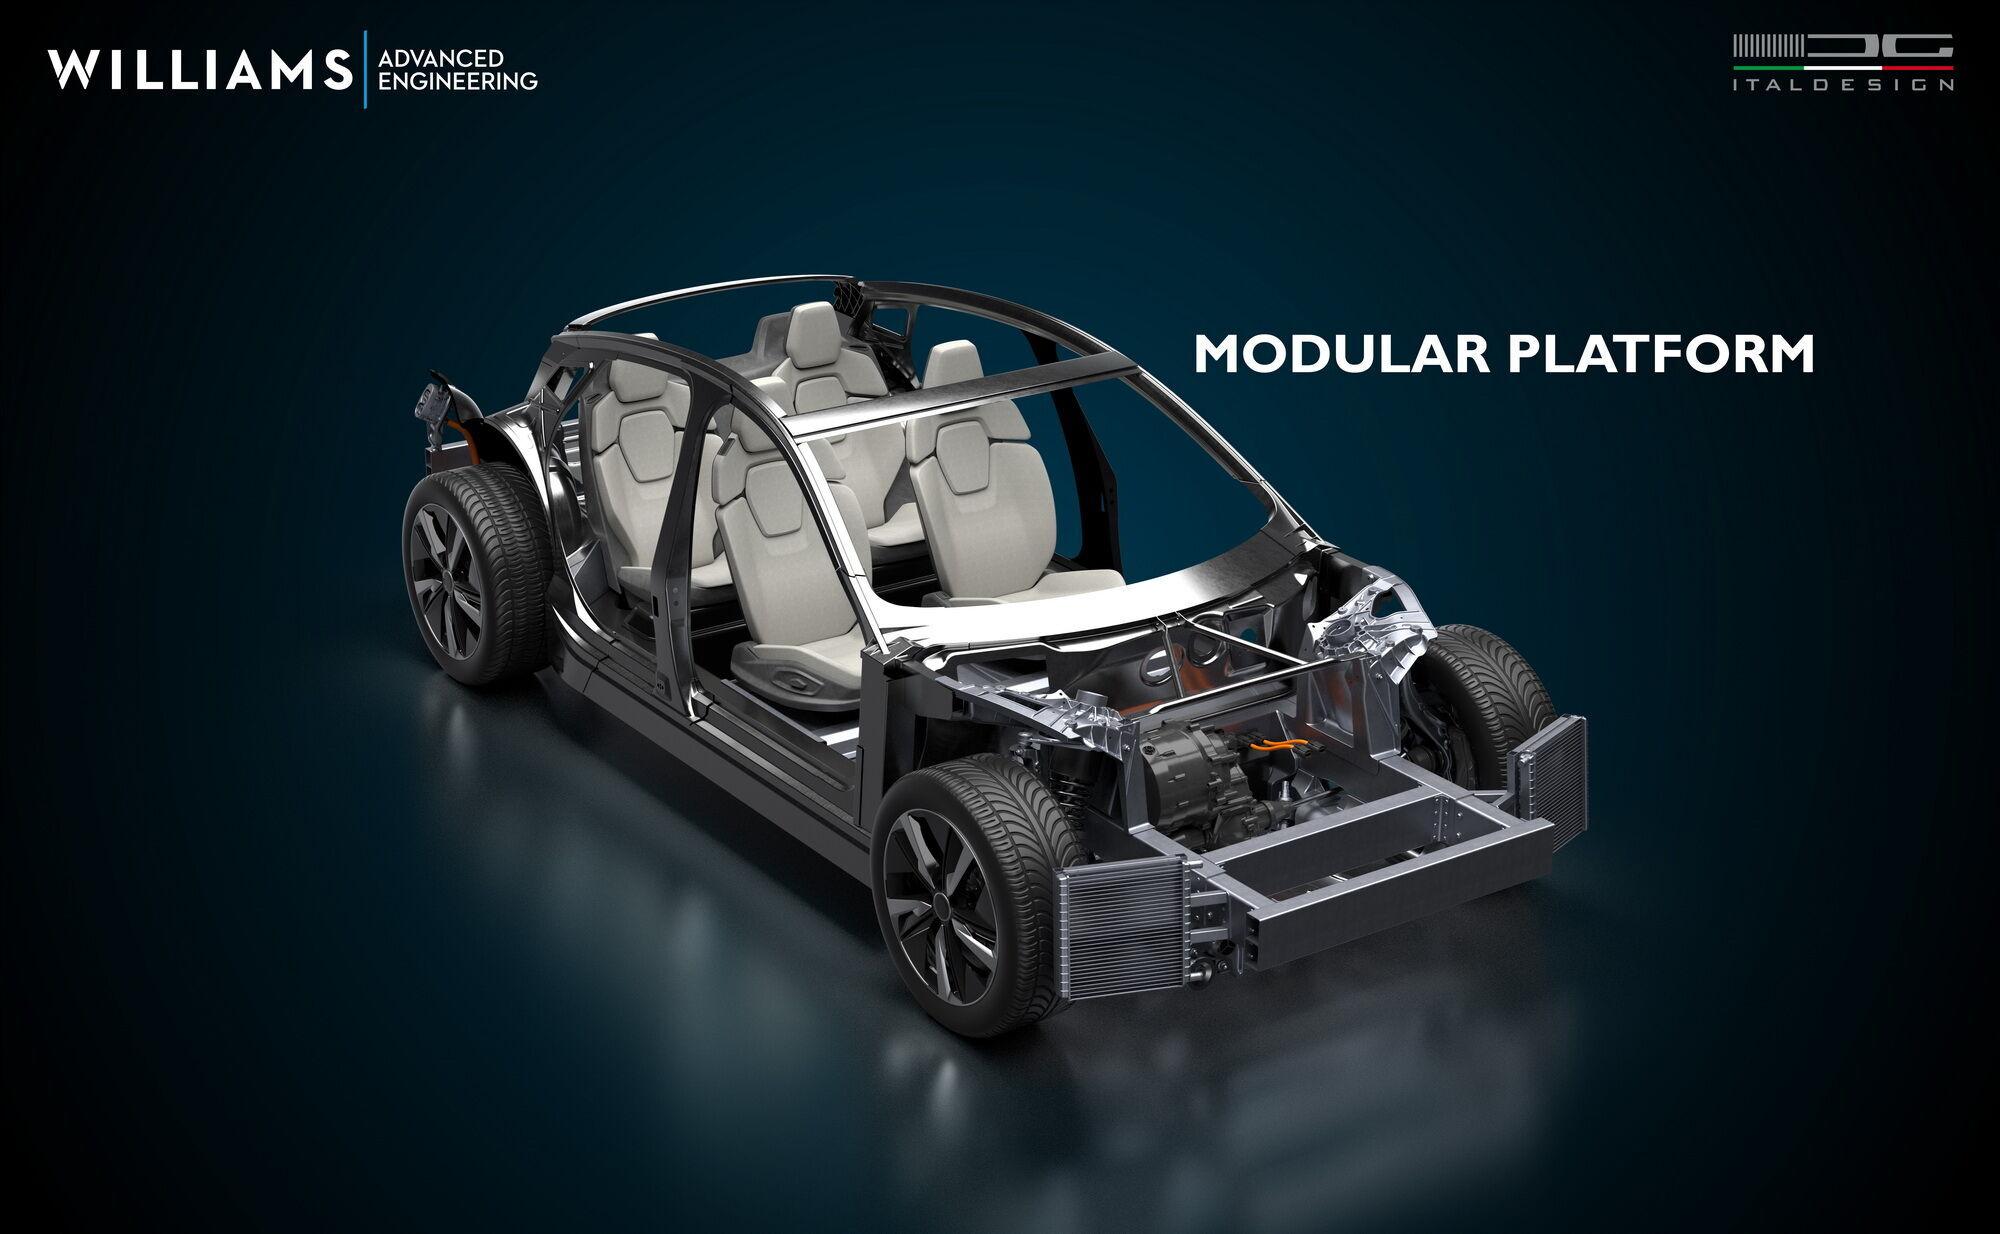 Модульная платформа предусмотрена для создания автомобилей любых типов